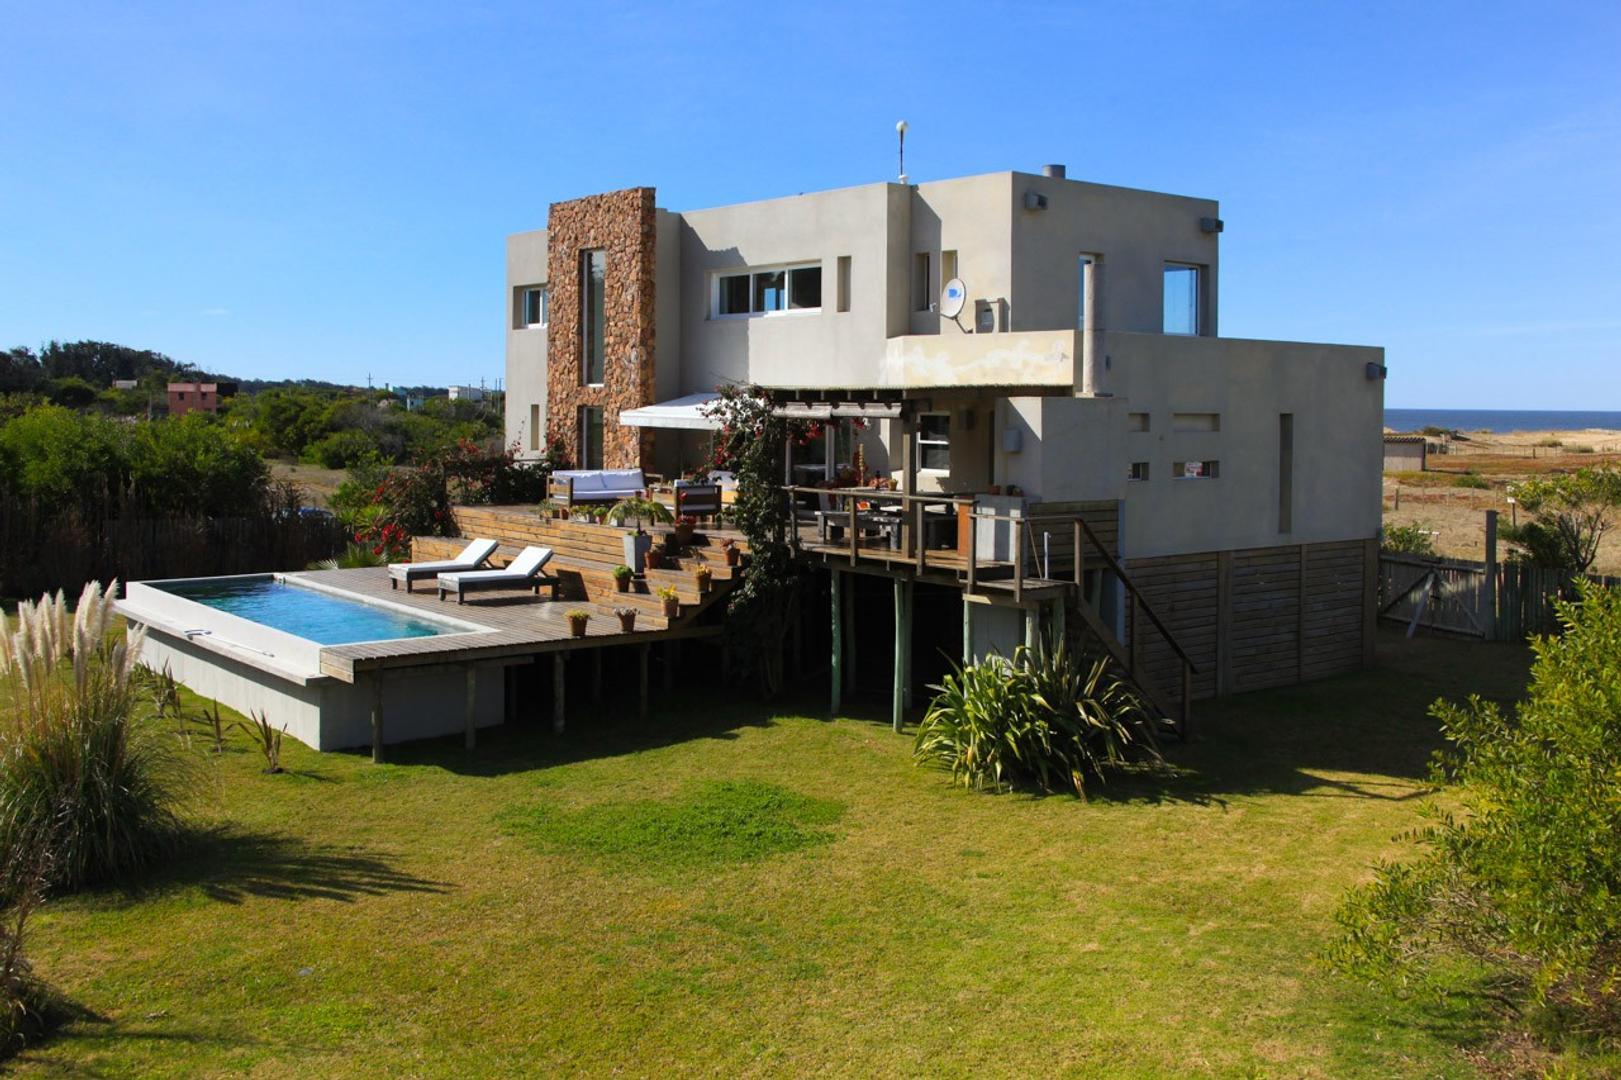 (LIJ-LIJ-183) Casa - Alquiler temporario - Uruguay, Maldonado - Foto 28